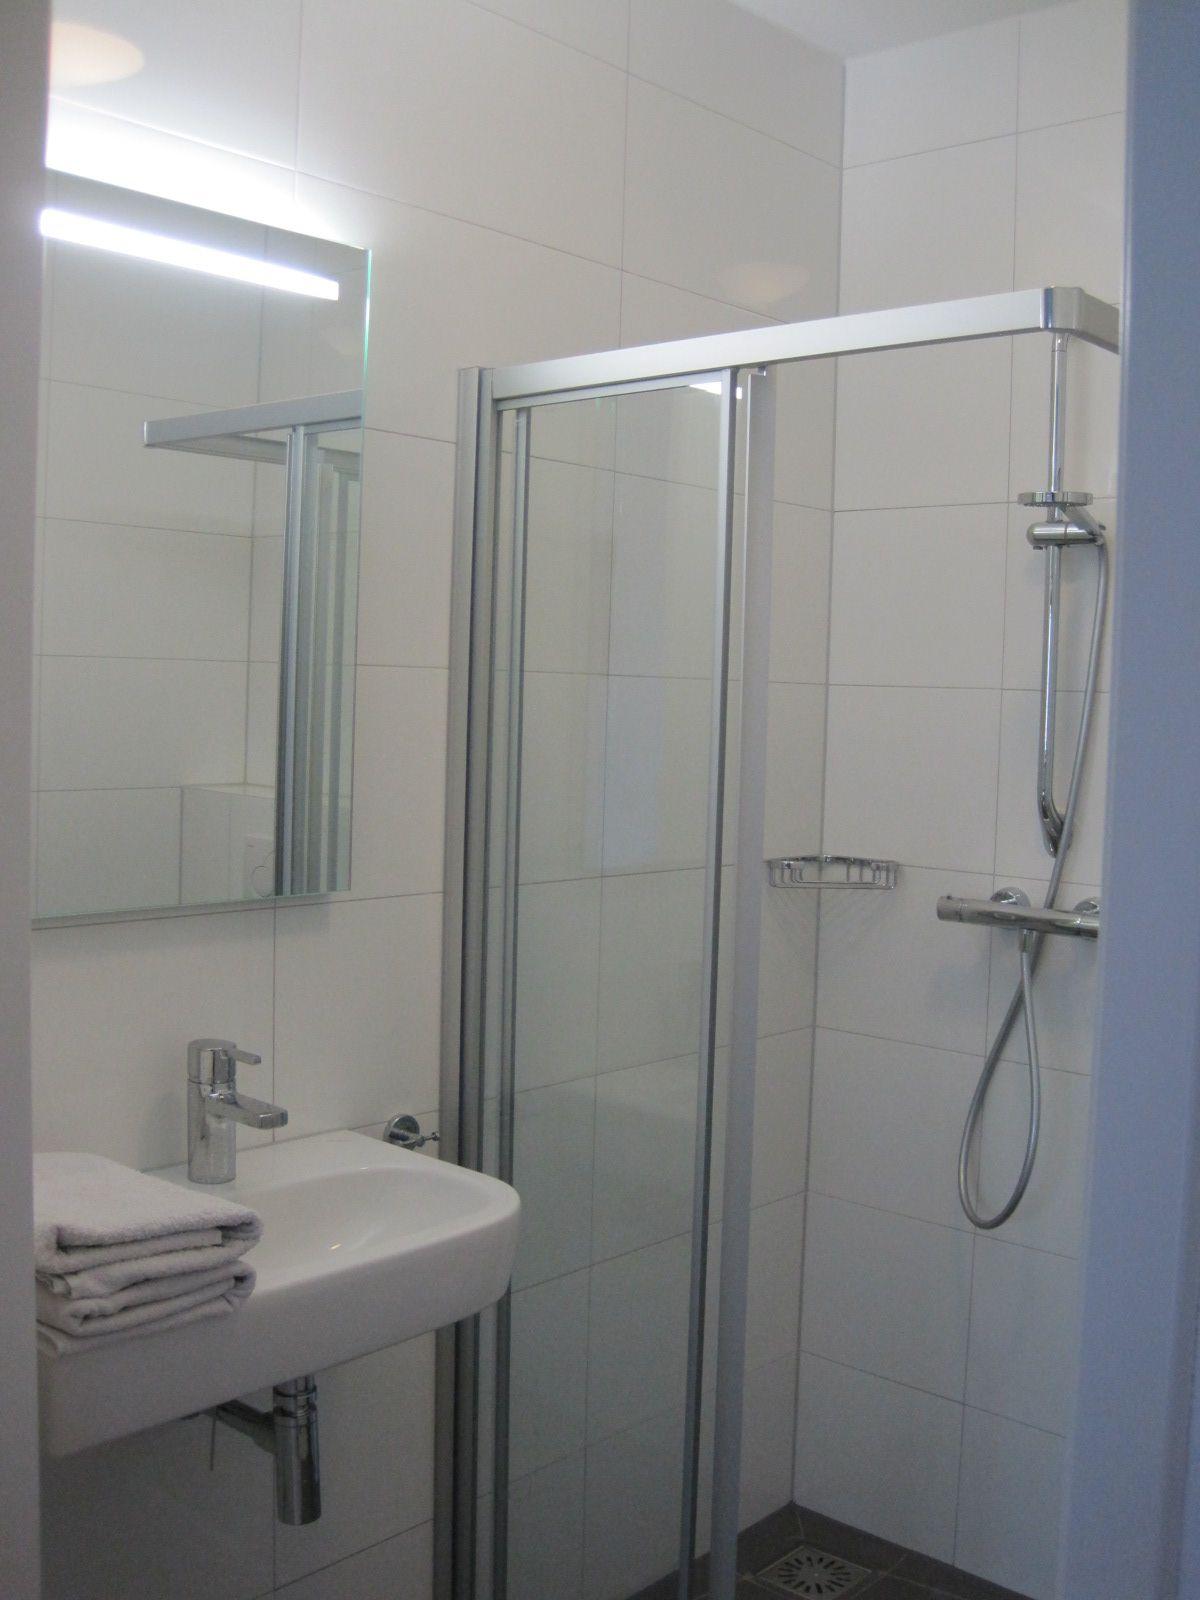 iedere slaapkamer heeft een eigen badkamer met wastafel douche